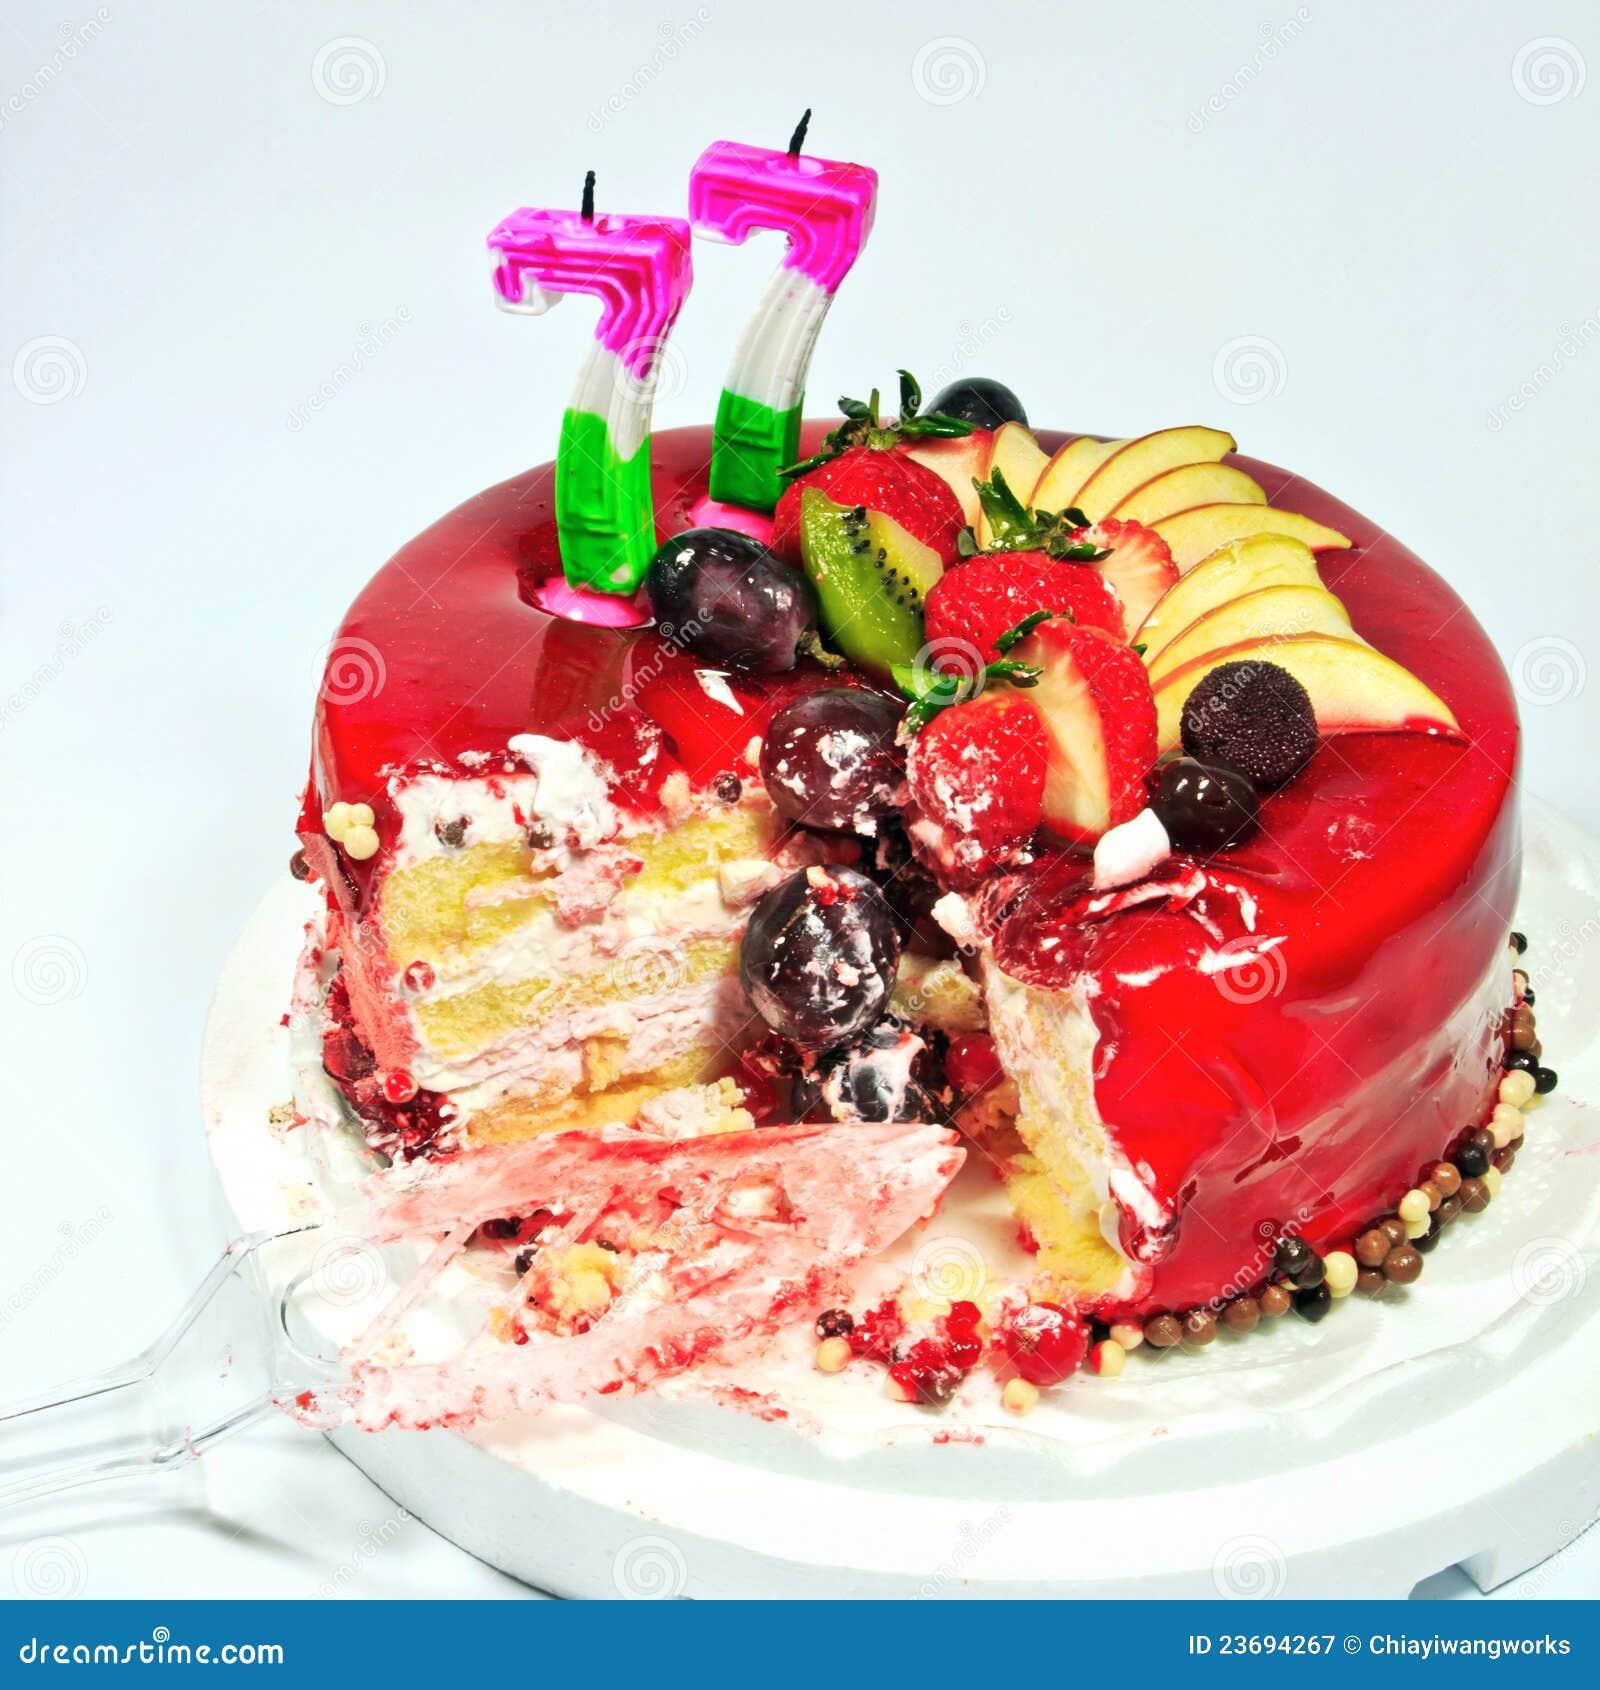 Birthday Fruit Cake Stock Image Image Of Colorful